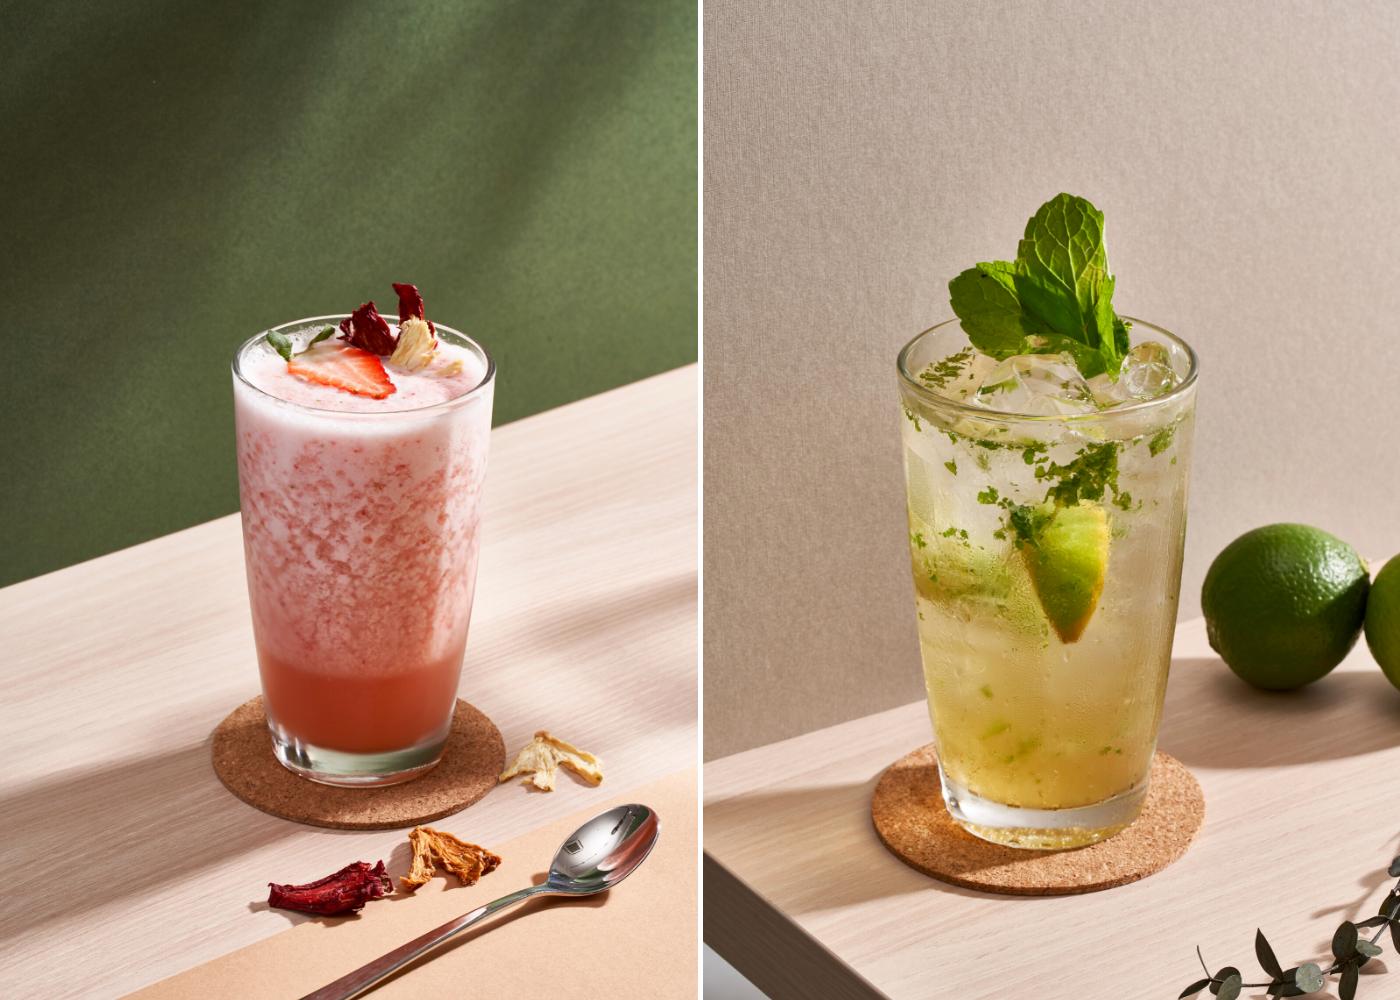 Sprmrkt | Takeaway cocktails and beers